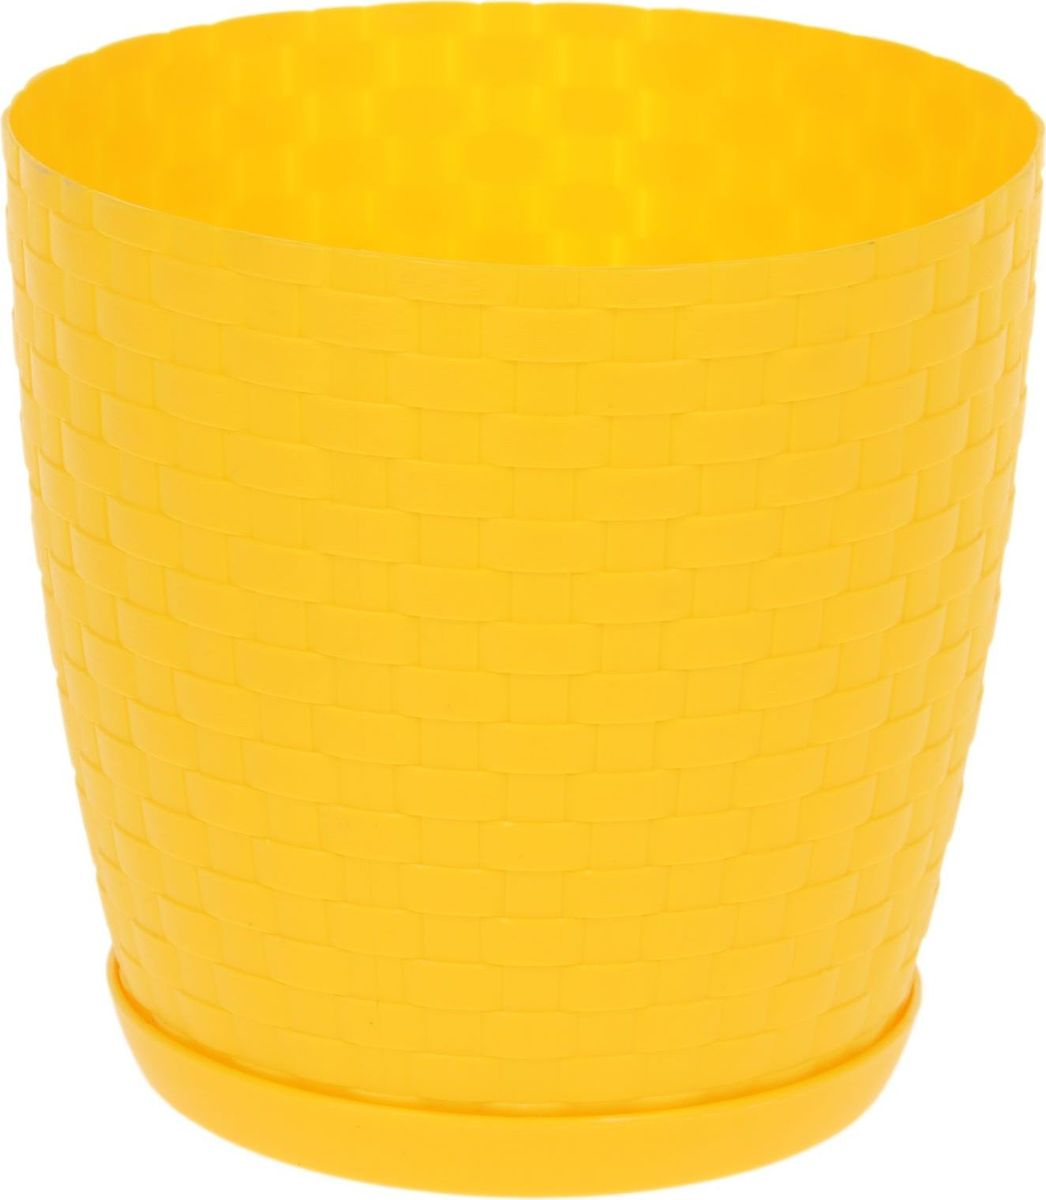 Горшок для цветов Петропласт Ротанг, с поддоном, цвет: желтый, 2 л1004900000360Любой, даже самый современный и продуманный интерьер будет не завершённым без растений. Они не только очищают воздух и насыщают его кислородом, но и заметно украшают окружающее пространство. Такому полезному &laquo члену семьи&raquoпросто необходимо красивое и функциональное кашпо, оригинальный горшок или необычная ваза! Мы предлагаем - Горшок для цветов 2 л с поддоном Ротанг, цвет желтый!Оптимальный выбор материала &mdash &nbsp пластмасса! Почему мы так считаем? Малый вес. С лёгкостью переносите горшки и кашпо с места на место, ставьте их на столики или полки, подвешивайте под потолок, не беспокоясь о нагрузке. Простота ухода. Пластиковые изделия не нуждаются в специальных условиях хранения. Их&nbsp легко чистить &mdashдостаточно просто сполоснуть тёплой водой. Никаких царапин. Пластиковые кашпо не царапают и не загрязняют поверхности, на которых стоят. Пластик дольше хранит влагу, а значит &mdashрастение реже нуждается в поливе. Пластмасса не пропускает воздух &mdashкорневой системе растения не грозят резкие перепады температур. Огромный выбор форм, декора и расцветок &mdashвы без труда подберёте что-то, что идеально впишется в уже существующий интерьер.Соблюдая нехитрые правила ухода, вы можете заметно продлить срок службы горшков, вазонов и кашпо из пластика: всегда учитывайте размер кроны и корневой системы растения (при разрастании большое растение способно повредить маленький горшок)берегите изделие от воздействия прямых солнечных лучей, чтобы кашпо и горшки не выцветалидержите кашпо и горшки из пластика подальше от нагревающихся поверхностей.Создавайте прекрасные цветочные композиции, выращивайте рассаду или необычные растения, а низкие цены позволят вам не ограничивать себя в выборе.